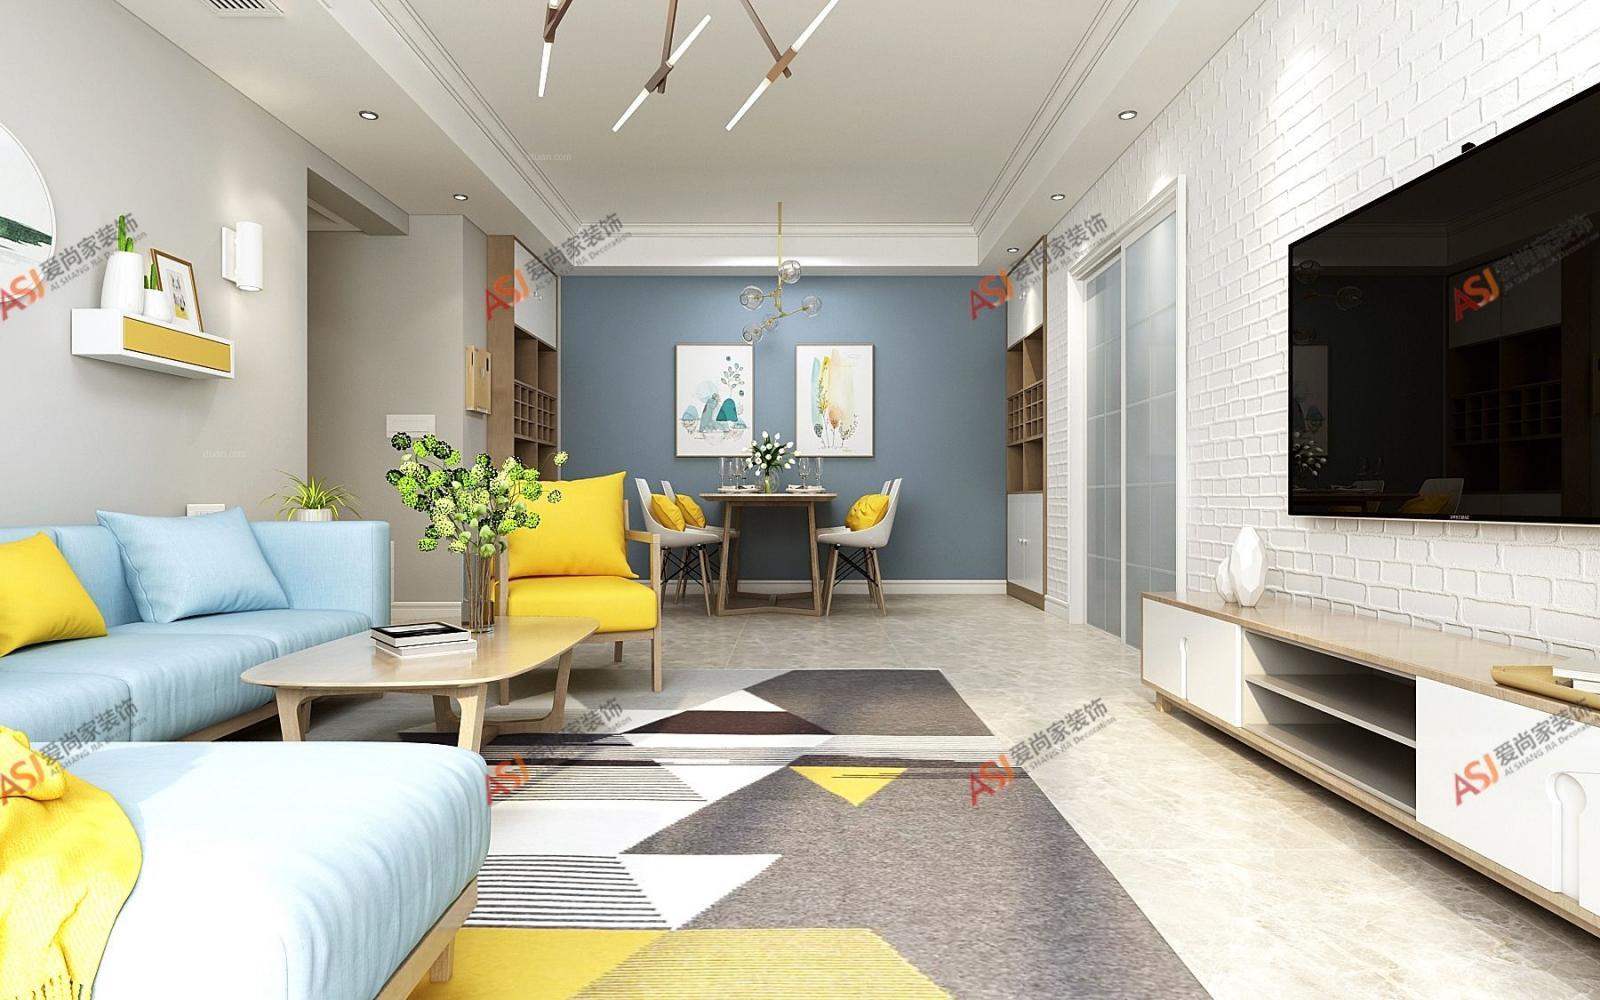 三居室北欧风格客厅沙发背景墙